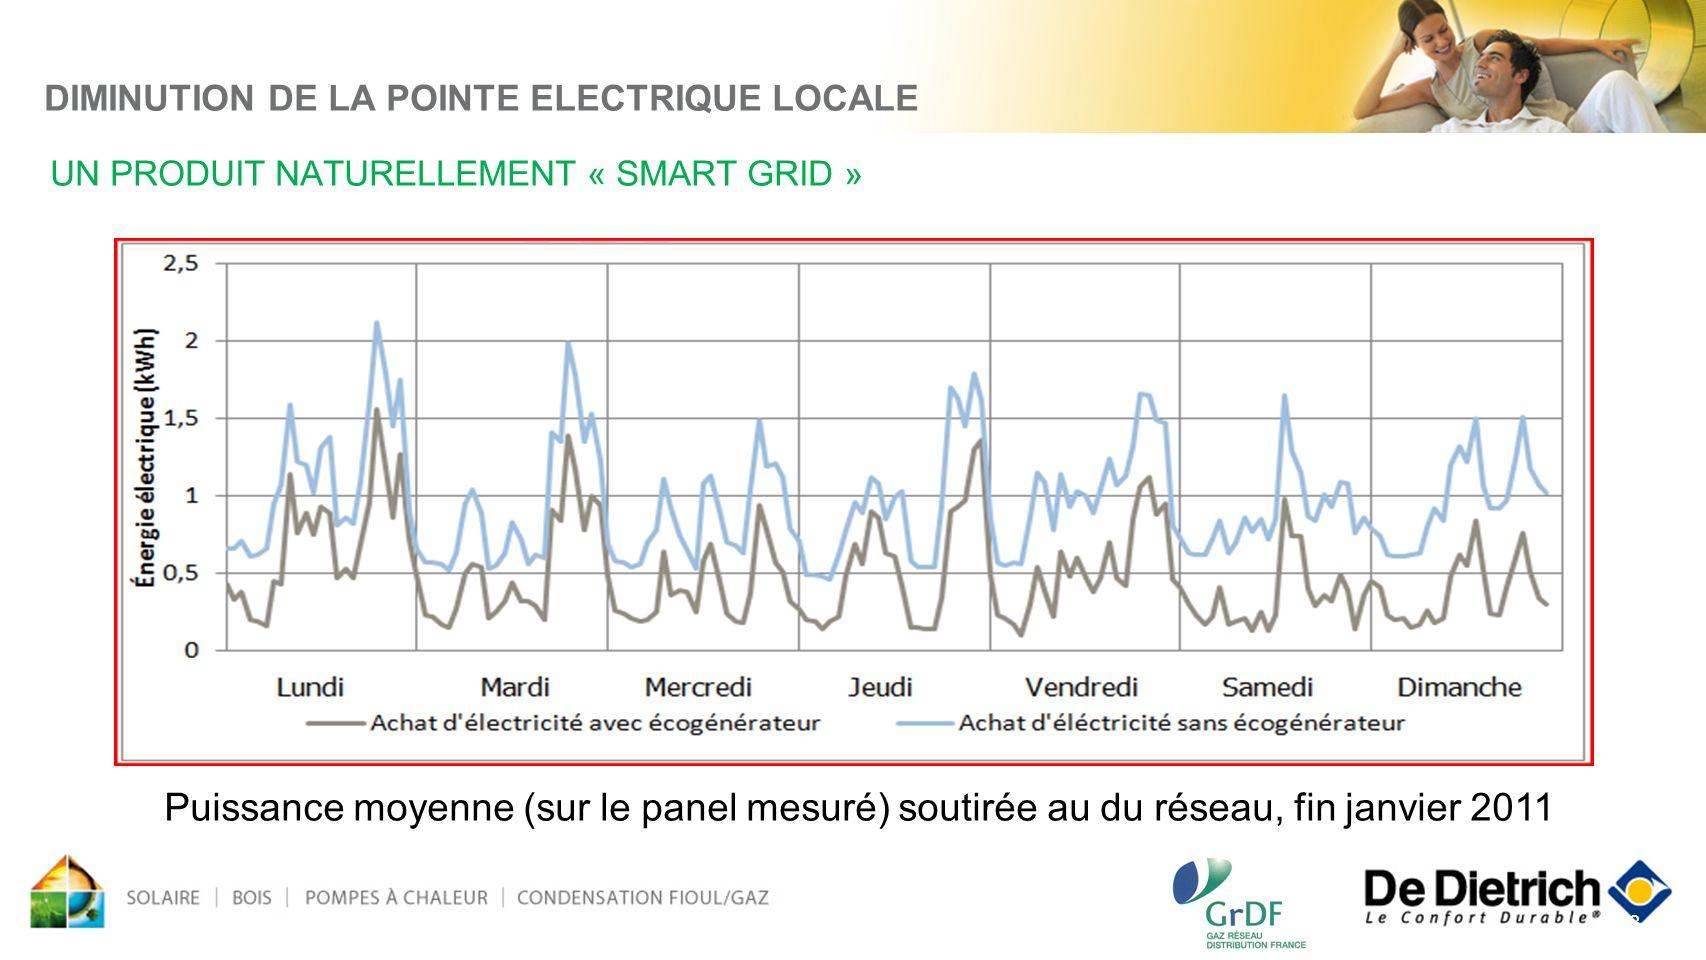 23 DIMINUTION DE LA POINTE ELECTRIQUE LOCALE UN PRODUIT NATURELLEMENT « SMART GRID » Puissance moyenne (sur le panel mesuré) soutirée au du réseau, fi